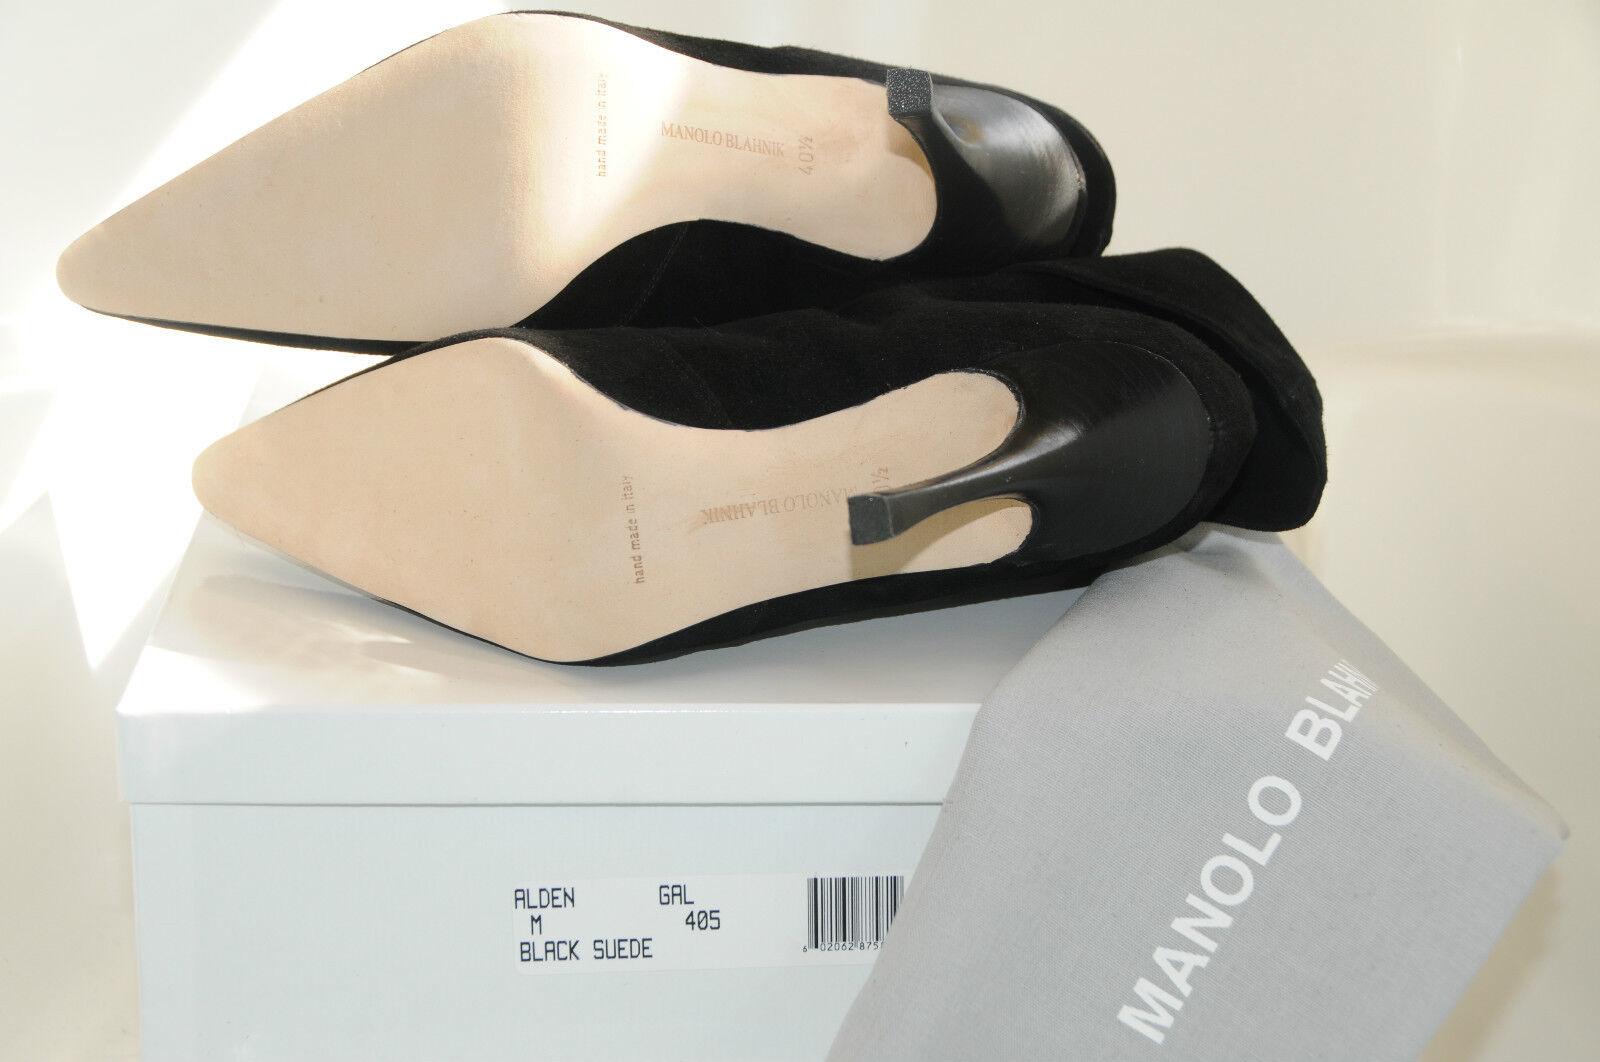 1345 NEW MANOLO BLAHNIK ALDEN SUEDE ANKLE BOOTS SHOES Black 40.5 10.5 10